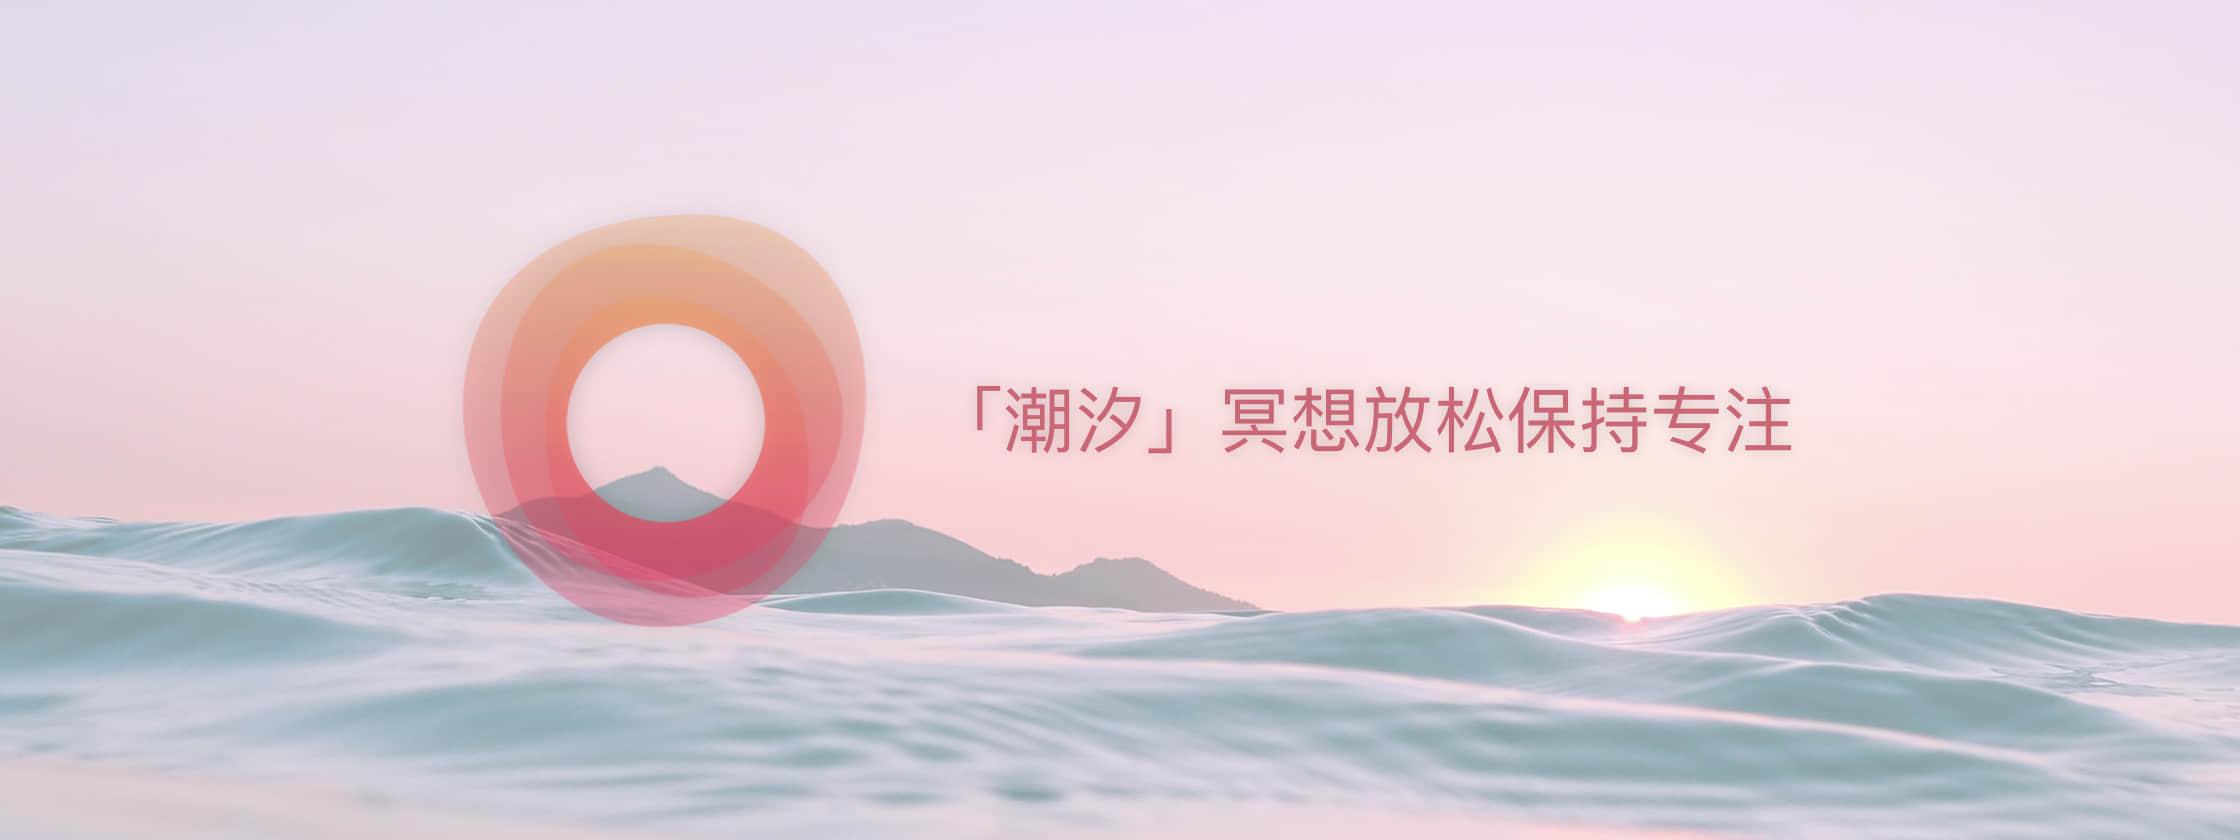 潮汐 —— 冥想专注番茄钟,呼吸放松白噪音助眠App